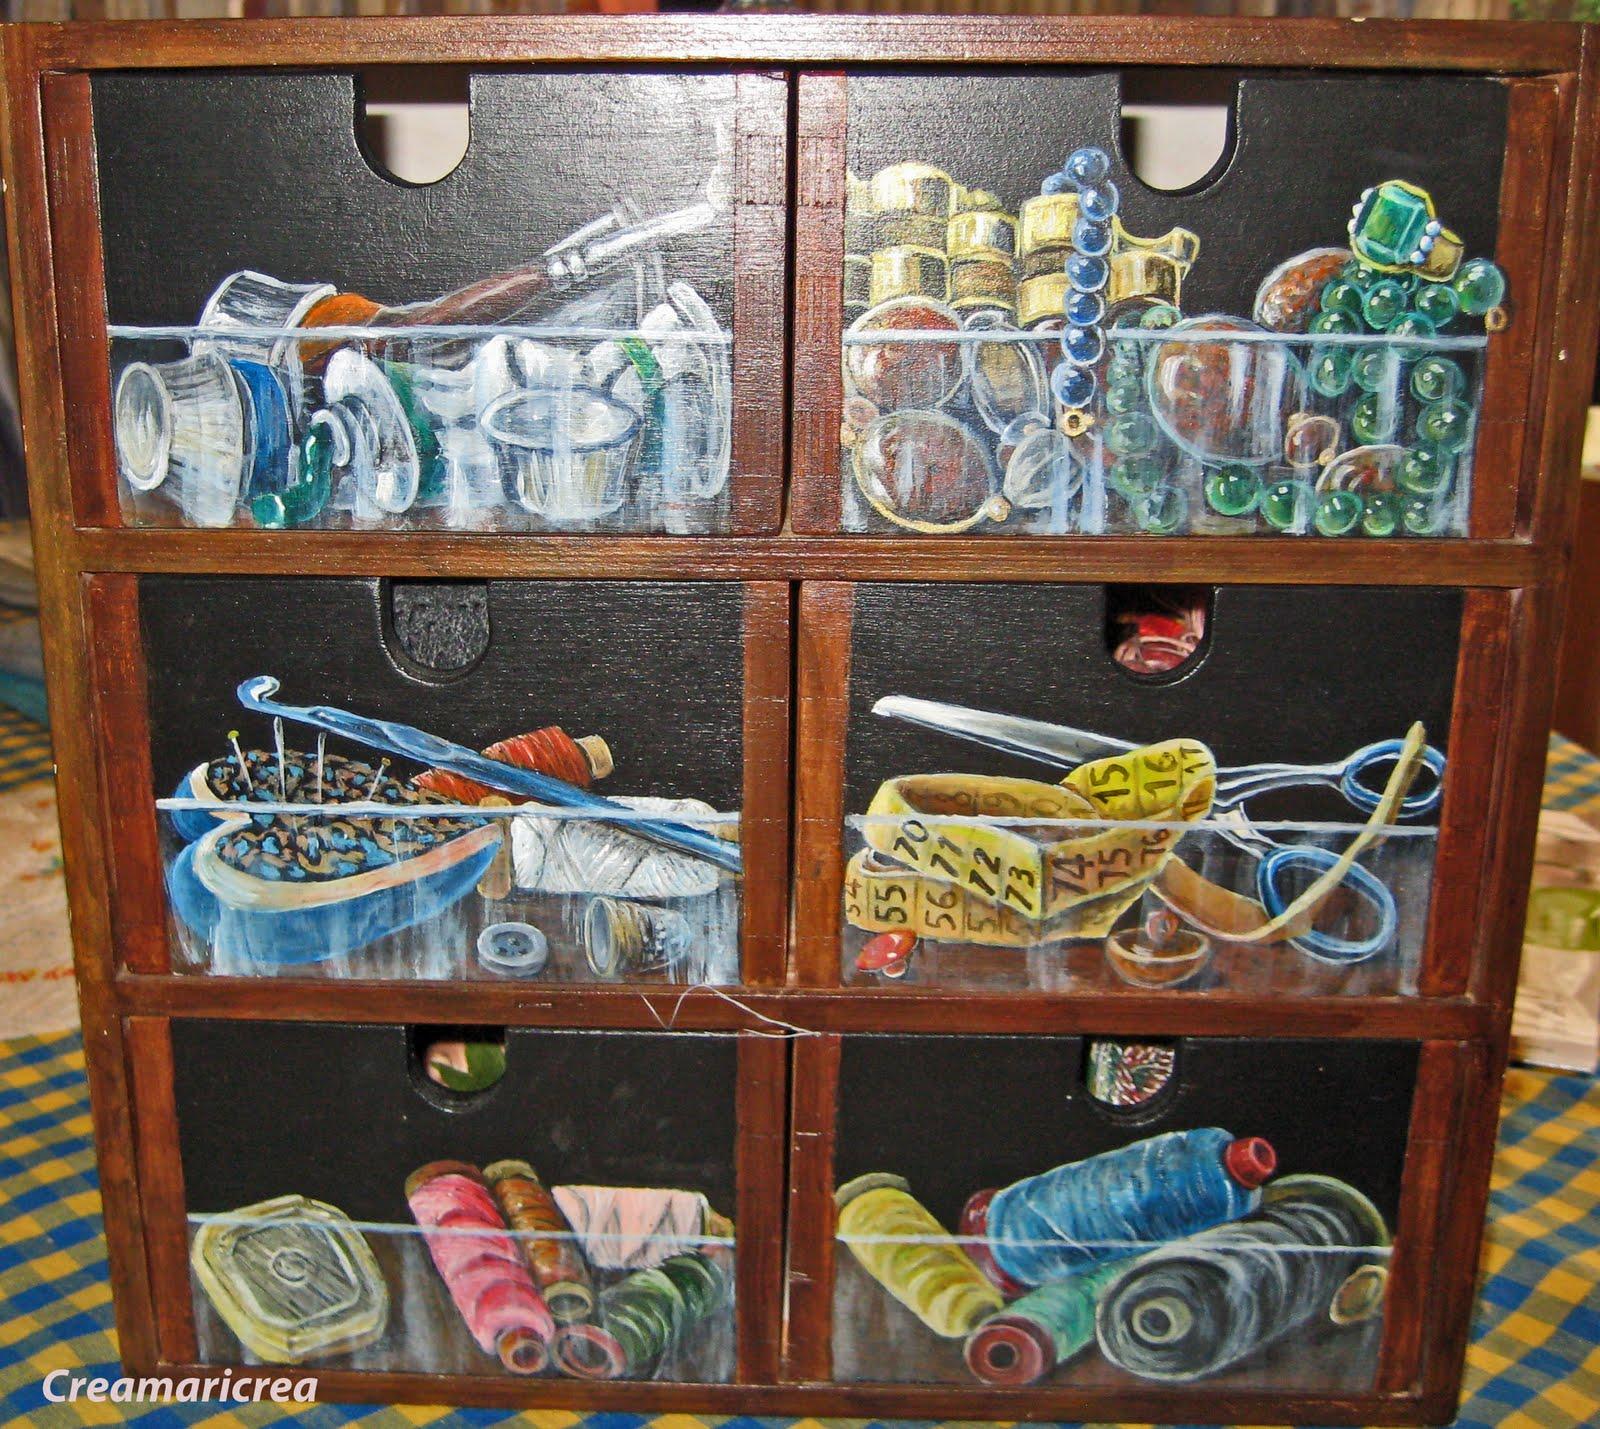 cassettiera per cabina armadio ikea: cassettiere per camera da ... - Rinnovare Cassettiera Malm